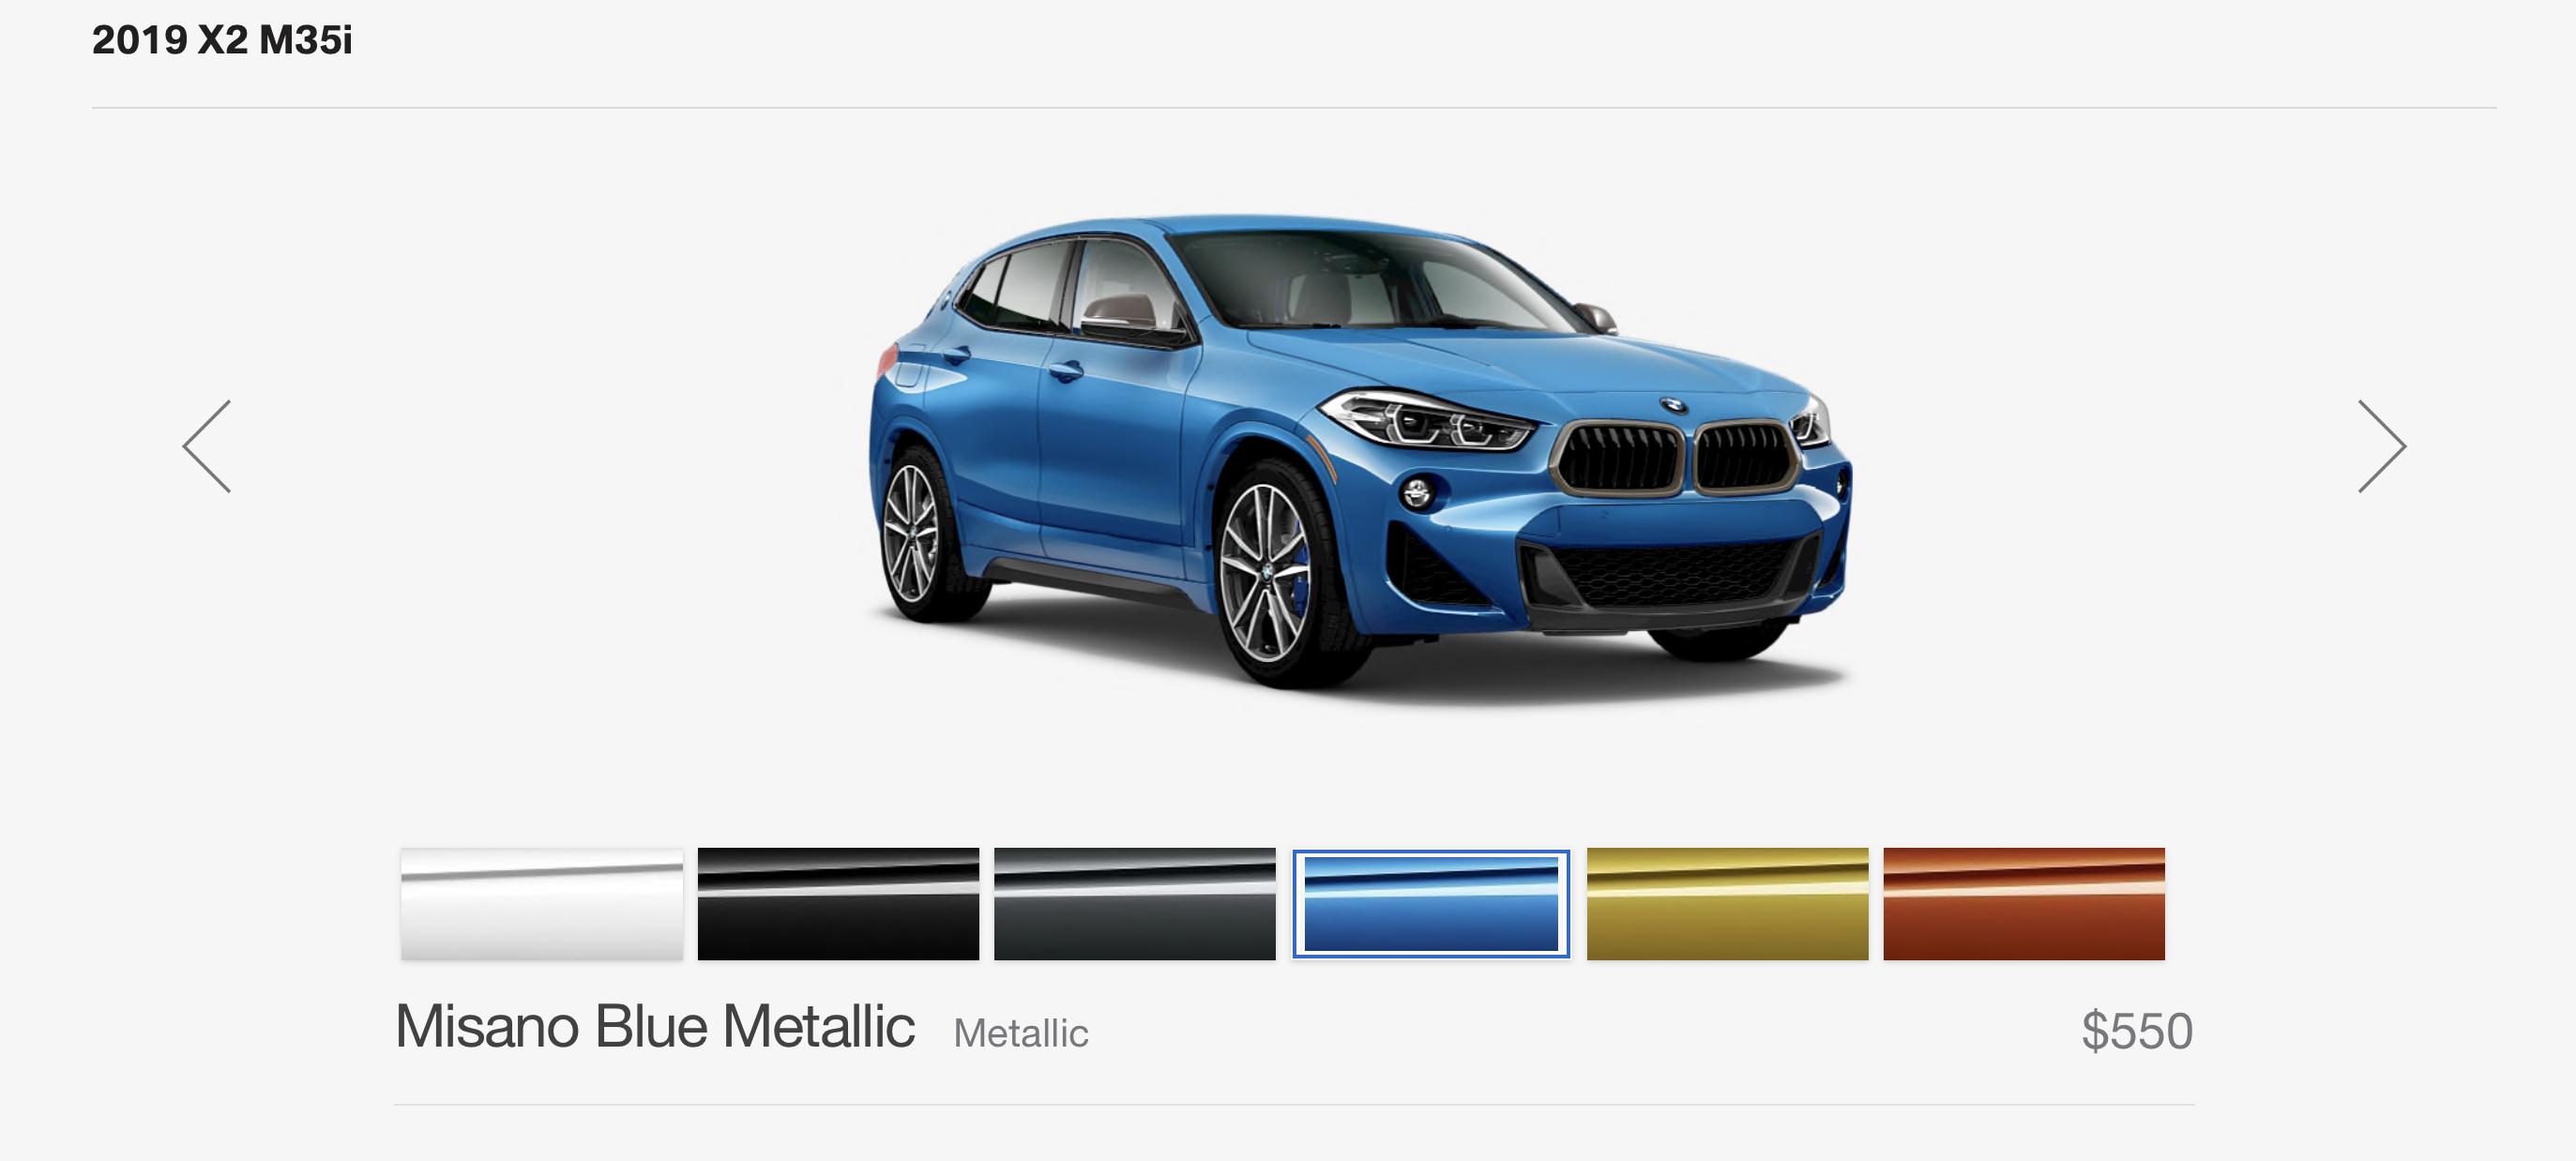 2019 BMW X2 M35i Misano Blue front